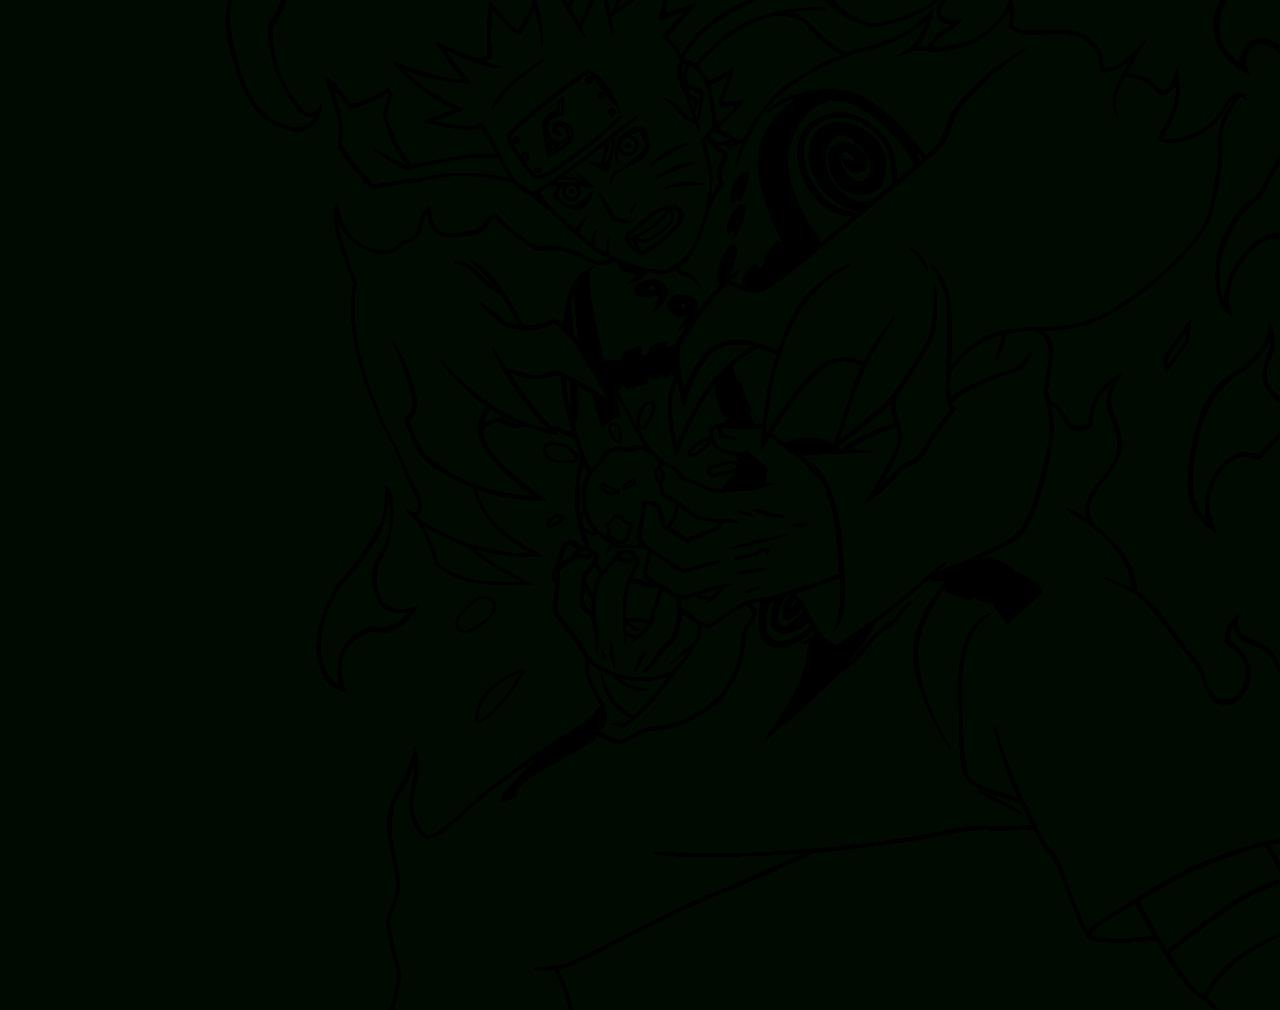 Coloriage Naruto - Les Beaux Dessins De Dessin Animé À concernant Coloriage De Naruto Shippuden A Imprimer